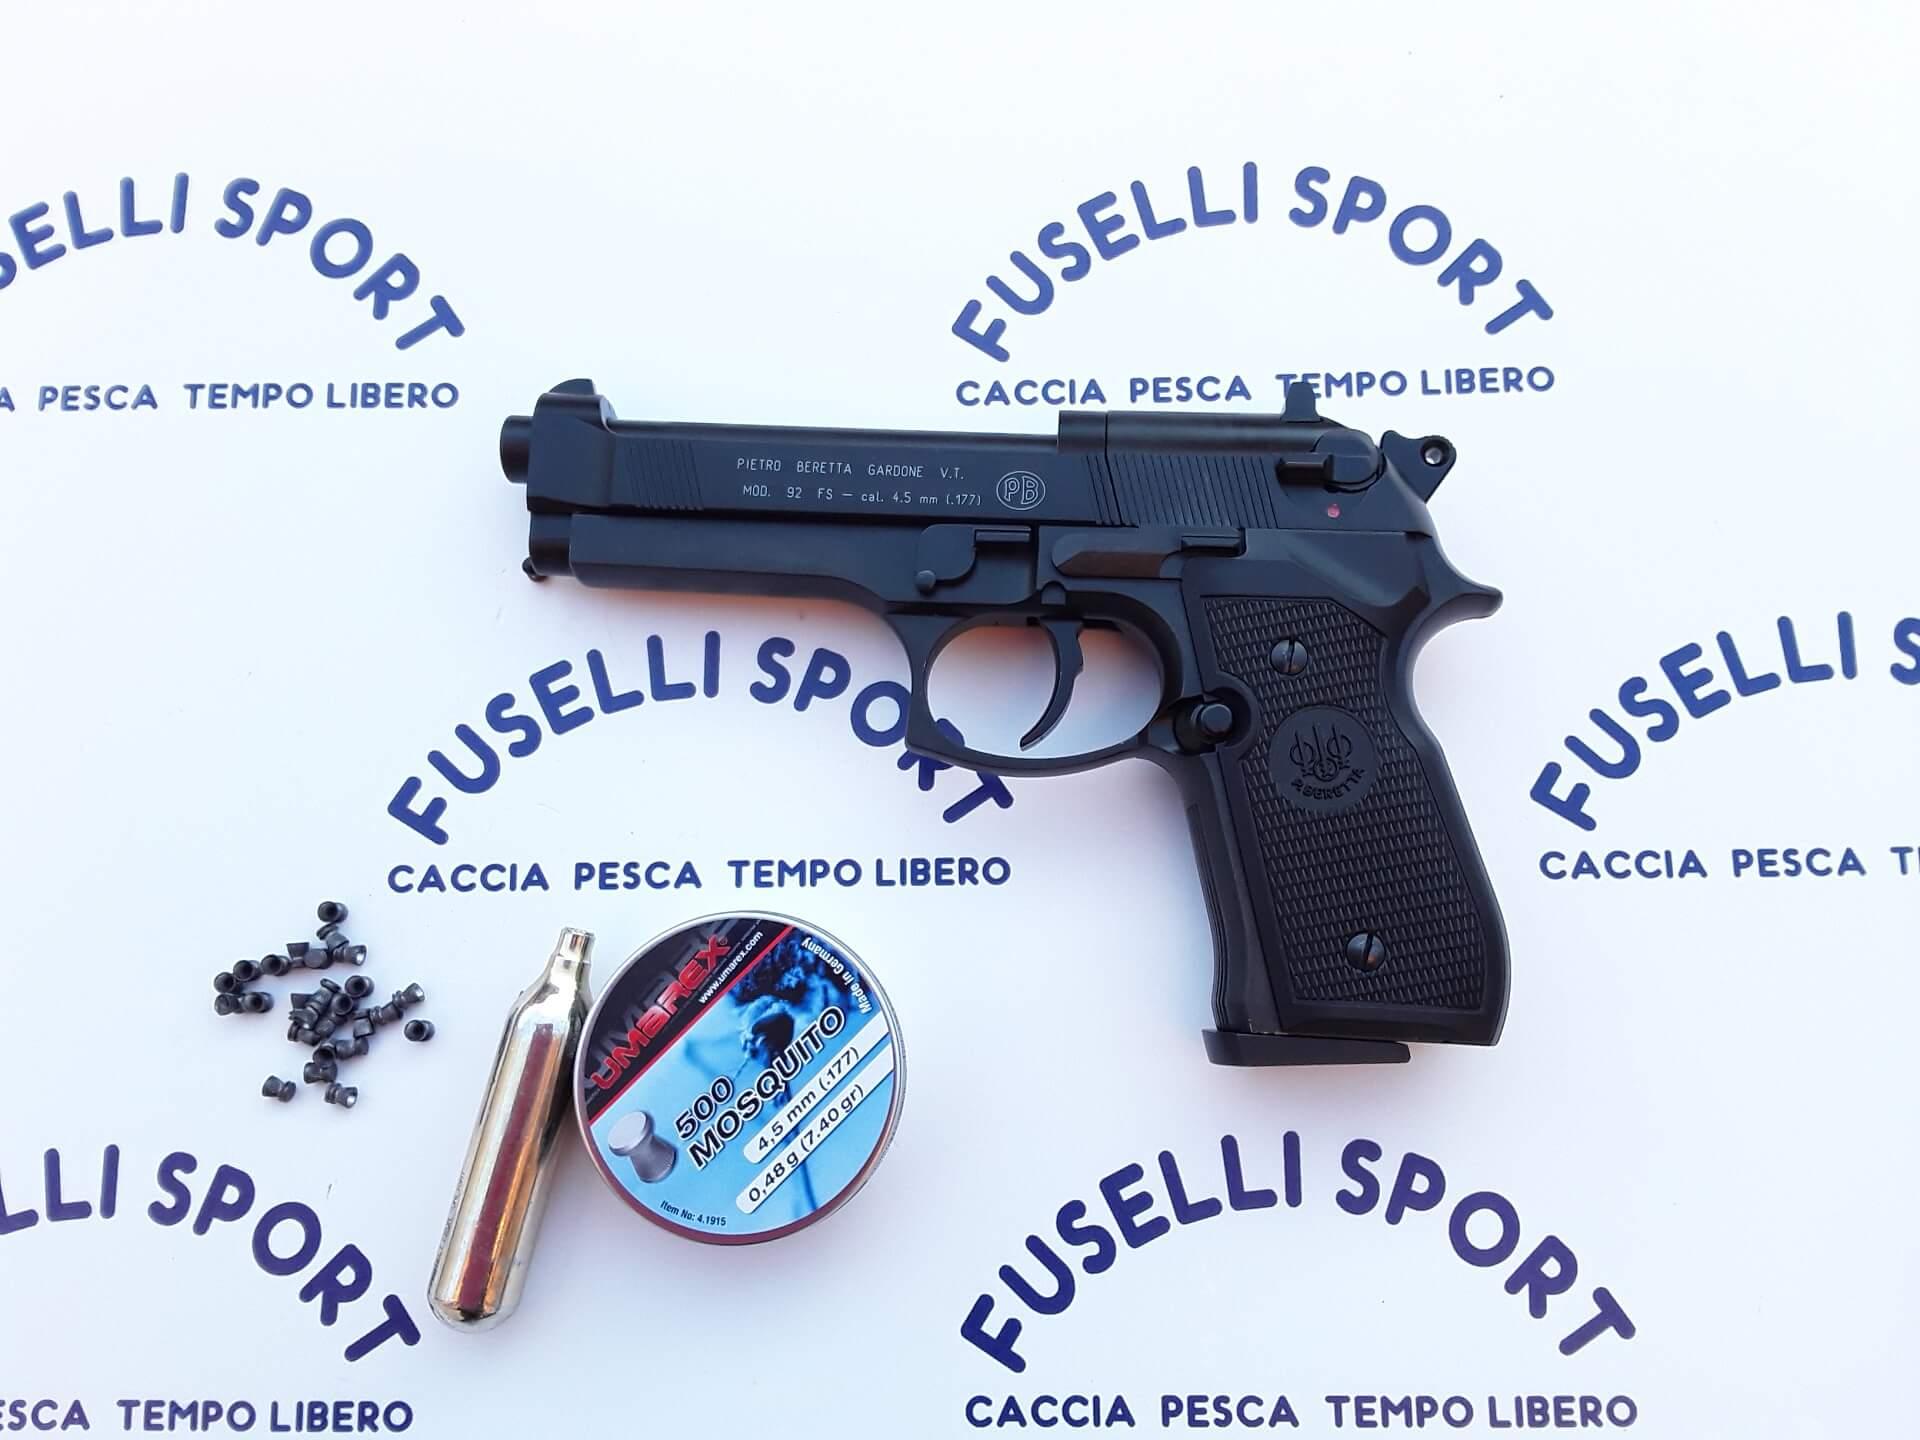 Beretta co2 92 FS